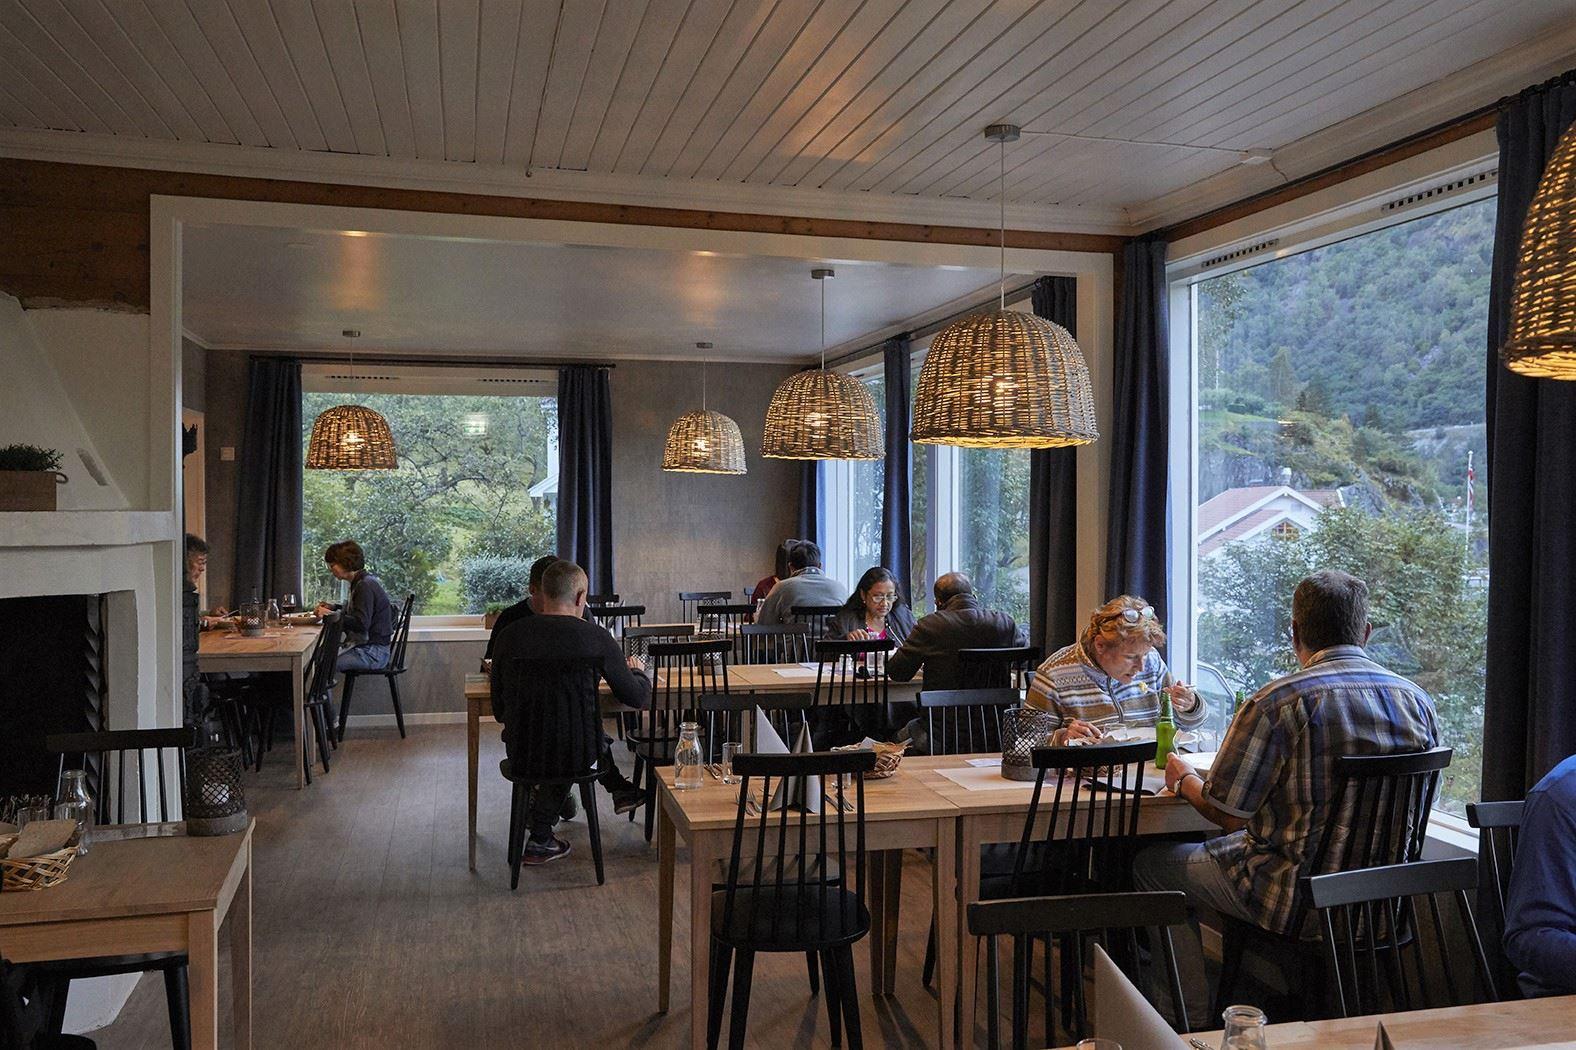 Ragnar Hartvig 2017, Heimly dining area